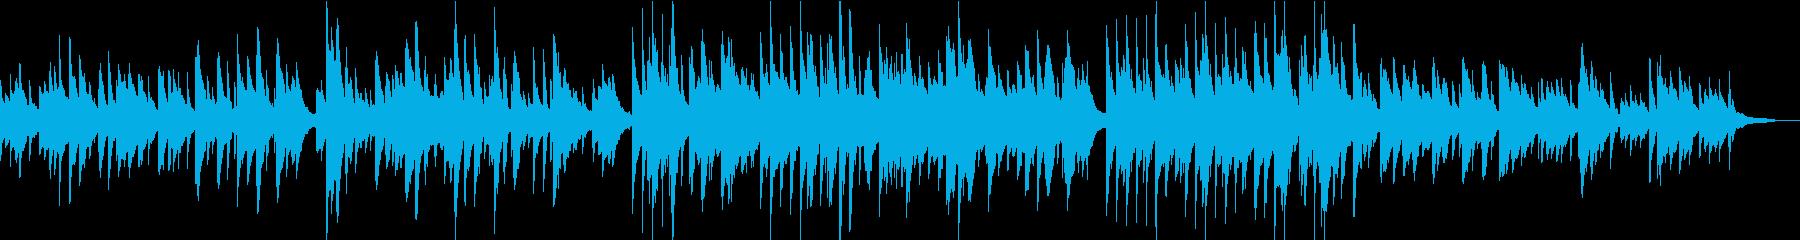 モーニングルーティン 癒されるピアノソロの再生済みの波形